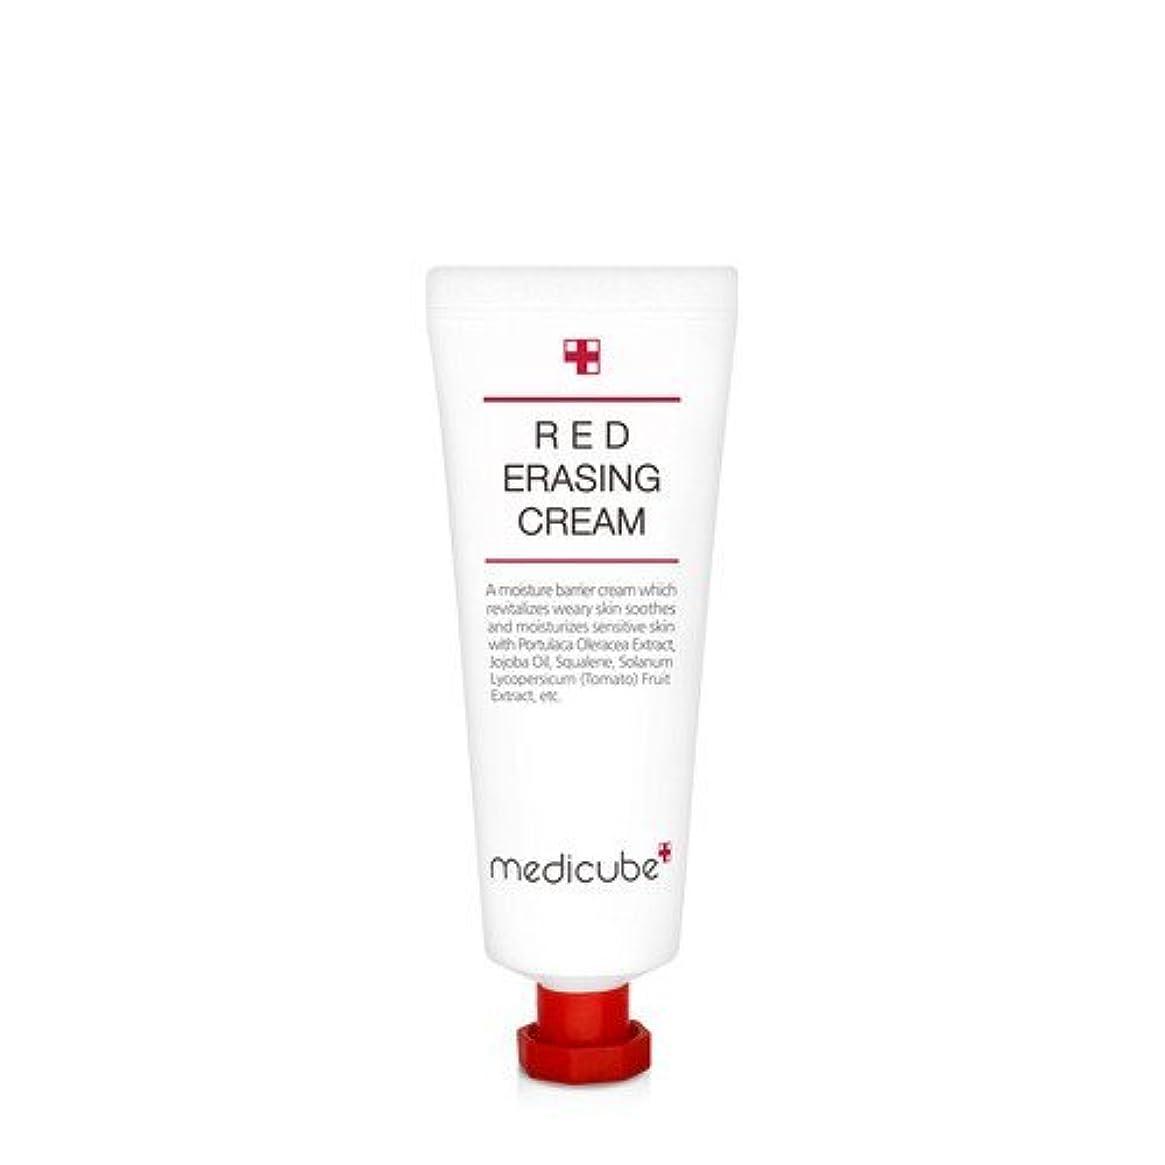 下に向けますメルボルン仲人[Medicube]Red Erasing Cream 50g / メディキューブレッドイレイジングクリーム / 正品?海外直送商品 [並行輸入品]